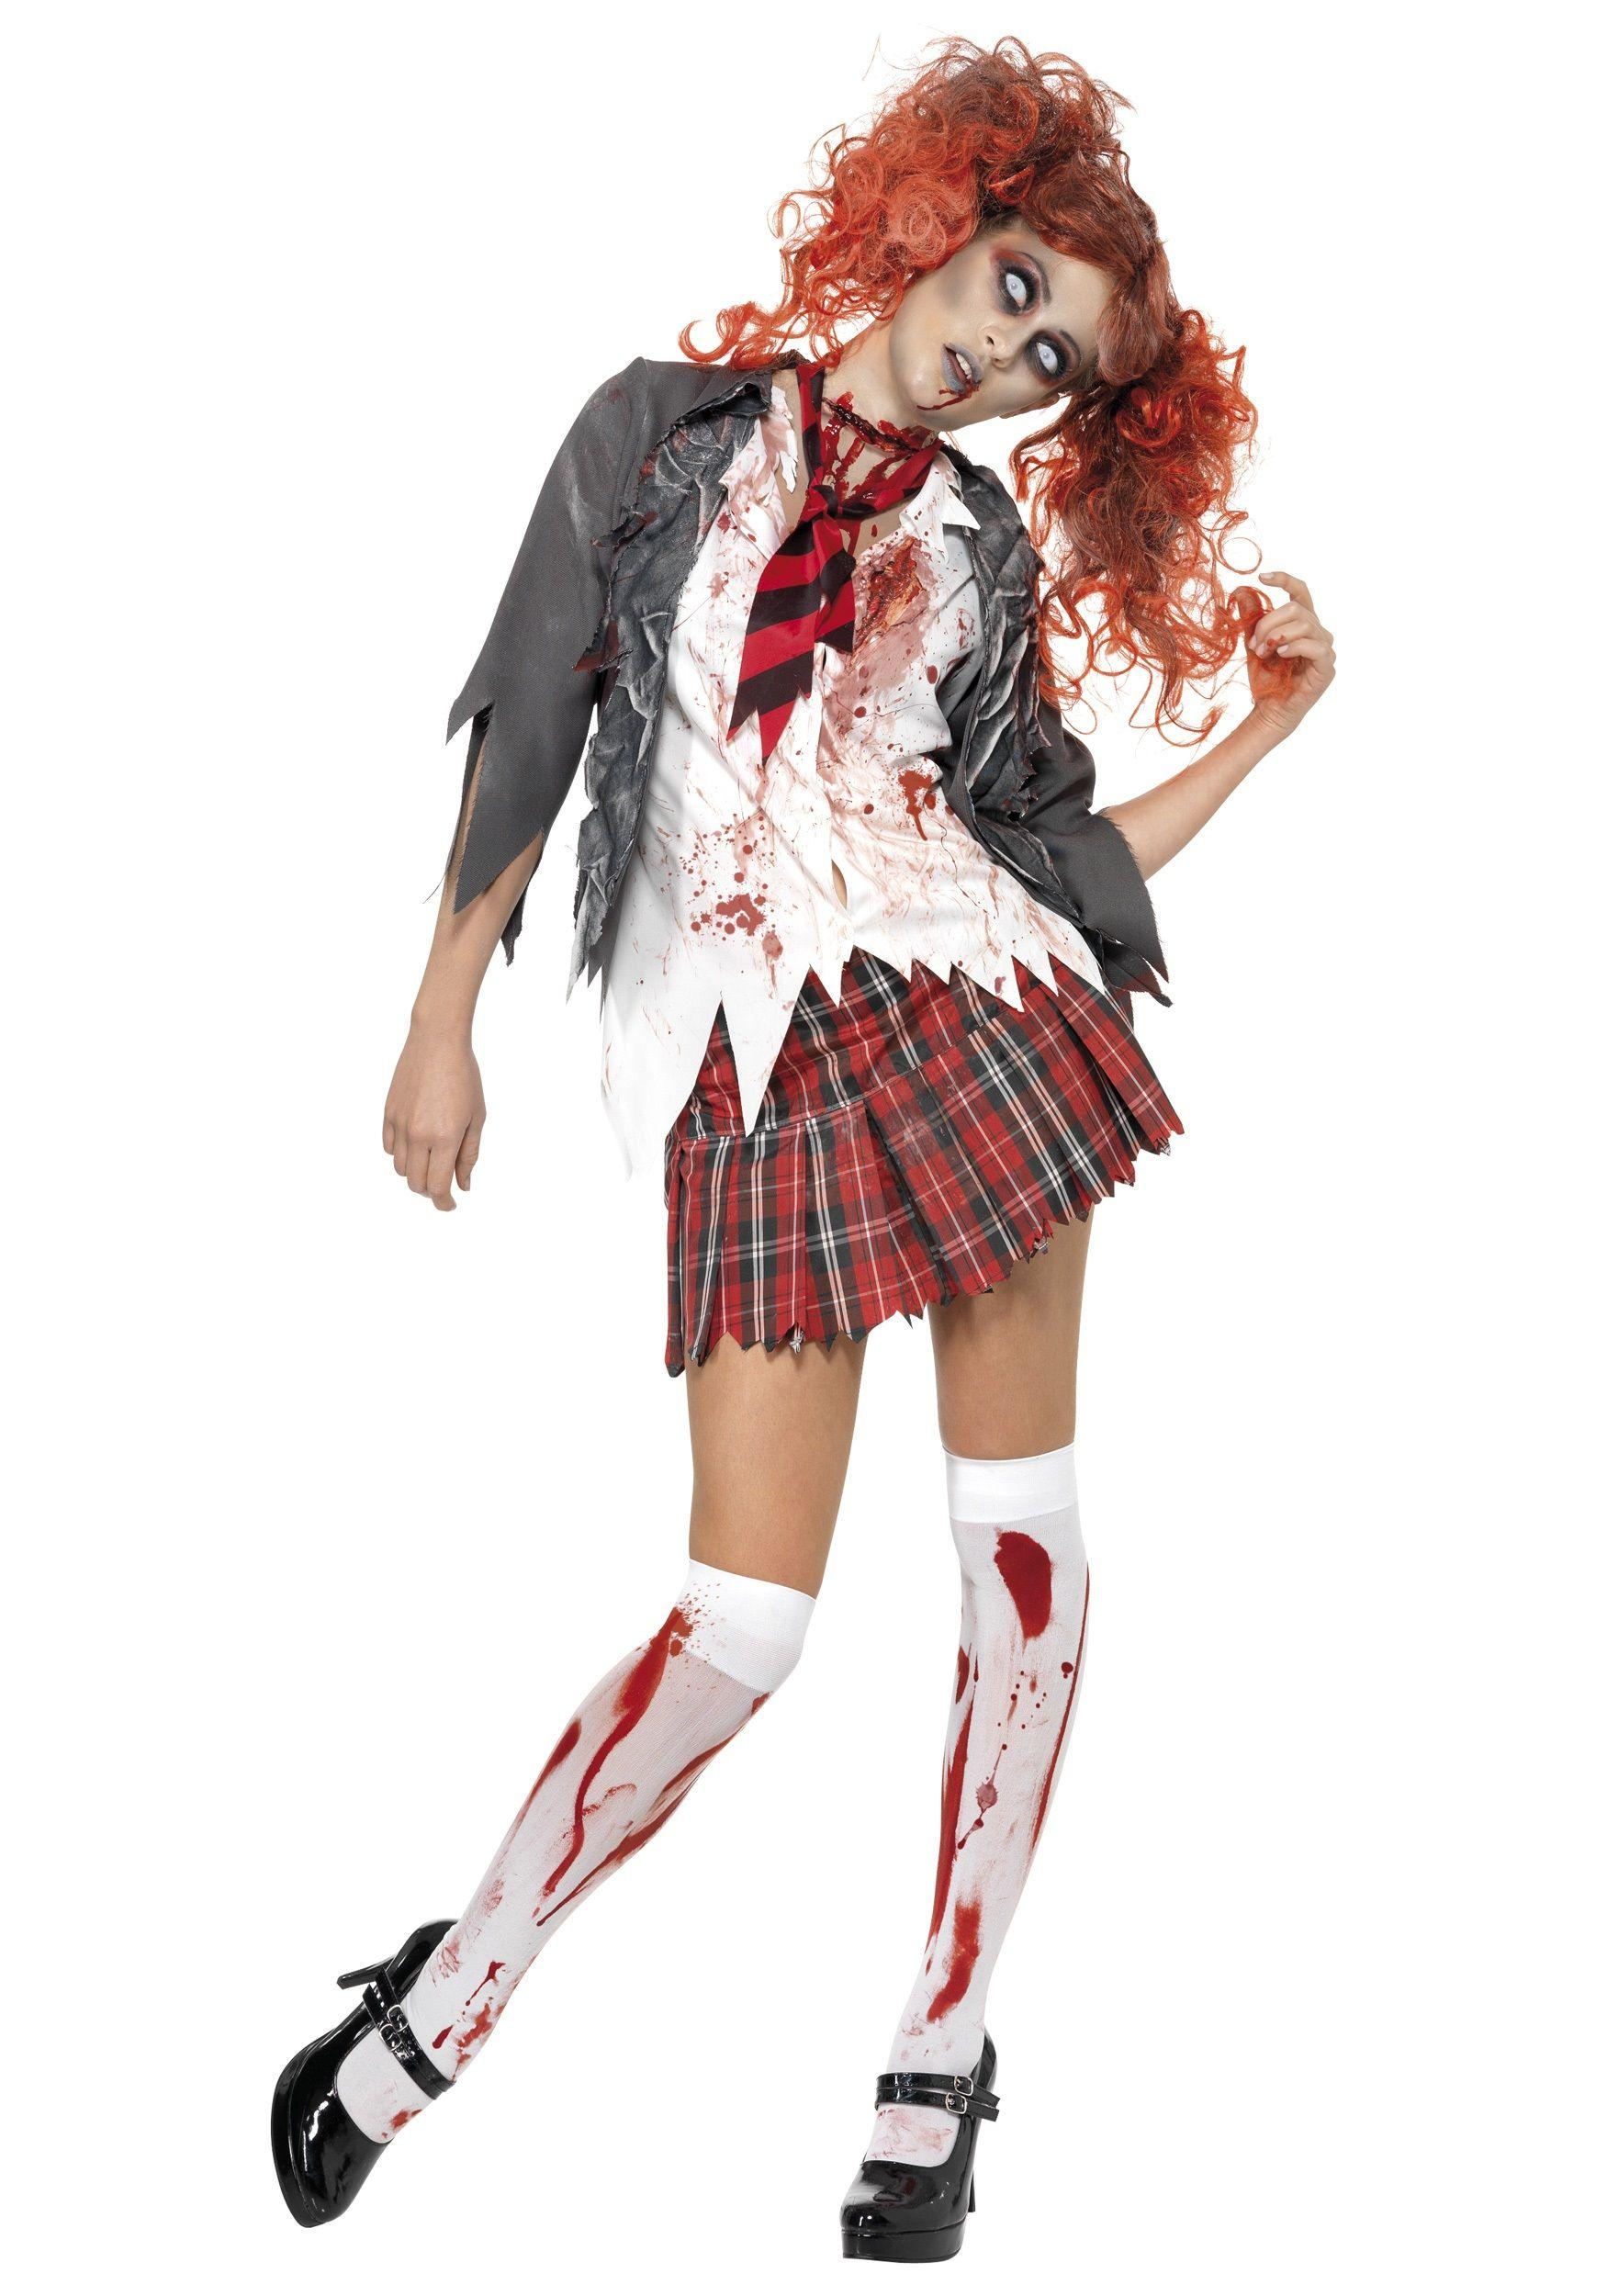 Scary School Girl Zombie Costume - Scary School Girl Halloween